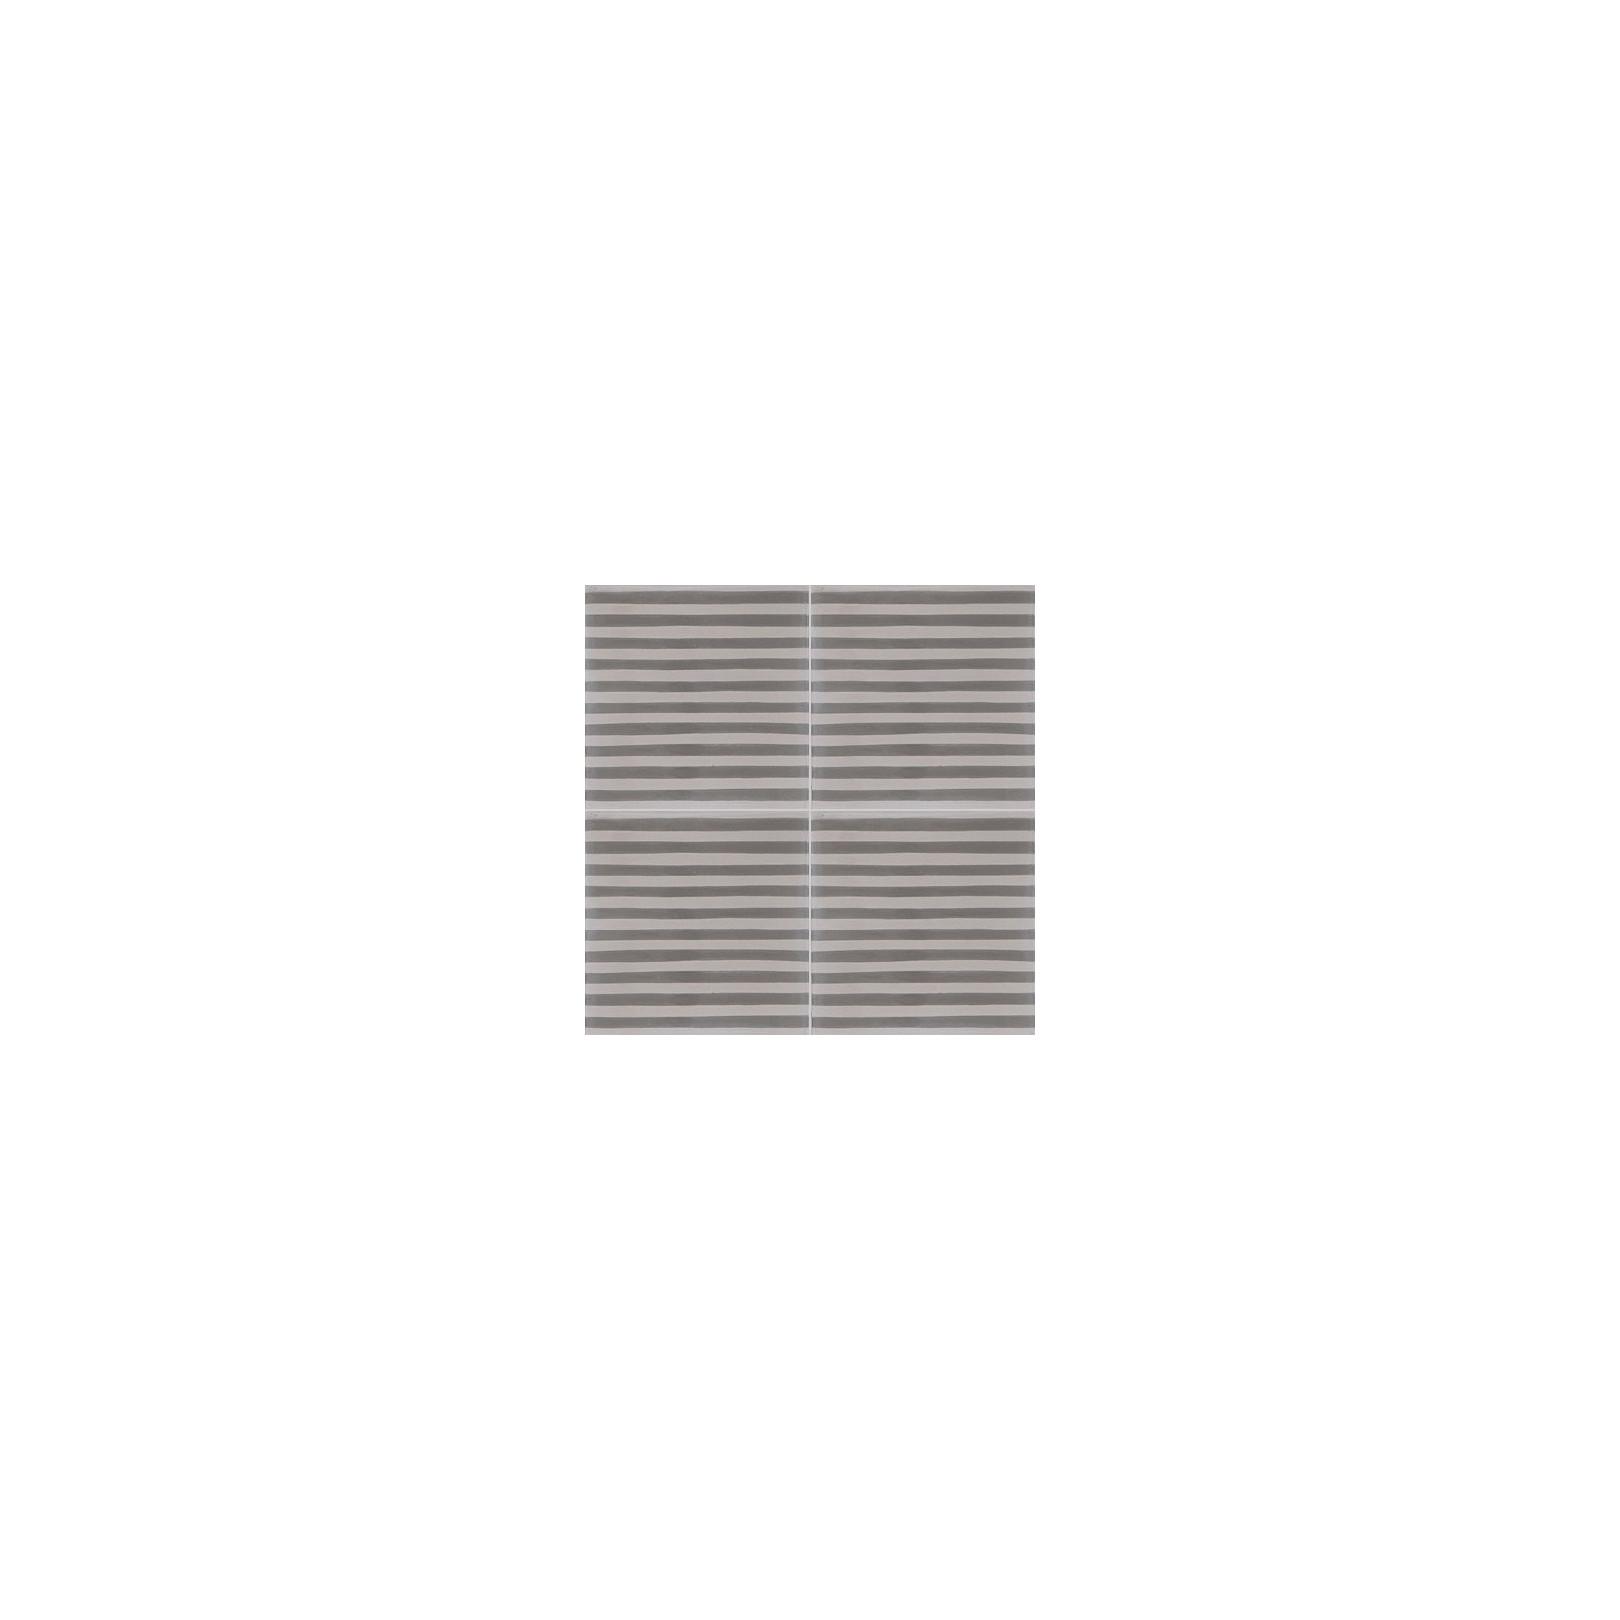 carreau de ciment color rayure gris clair et gris fonc cof19 casalux home design. Black Bedroom Furniture Sets. Home Design Ideas